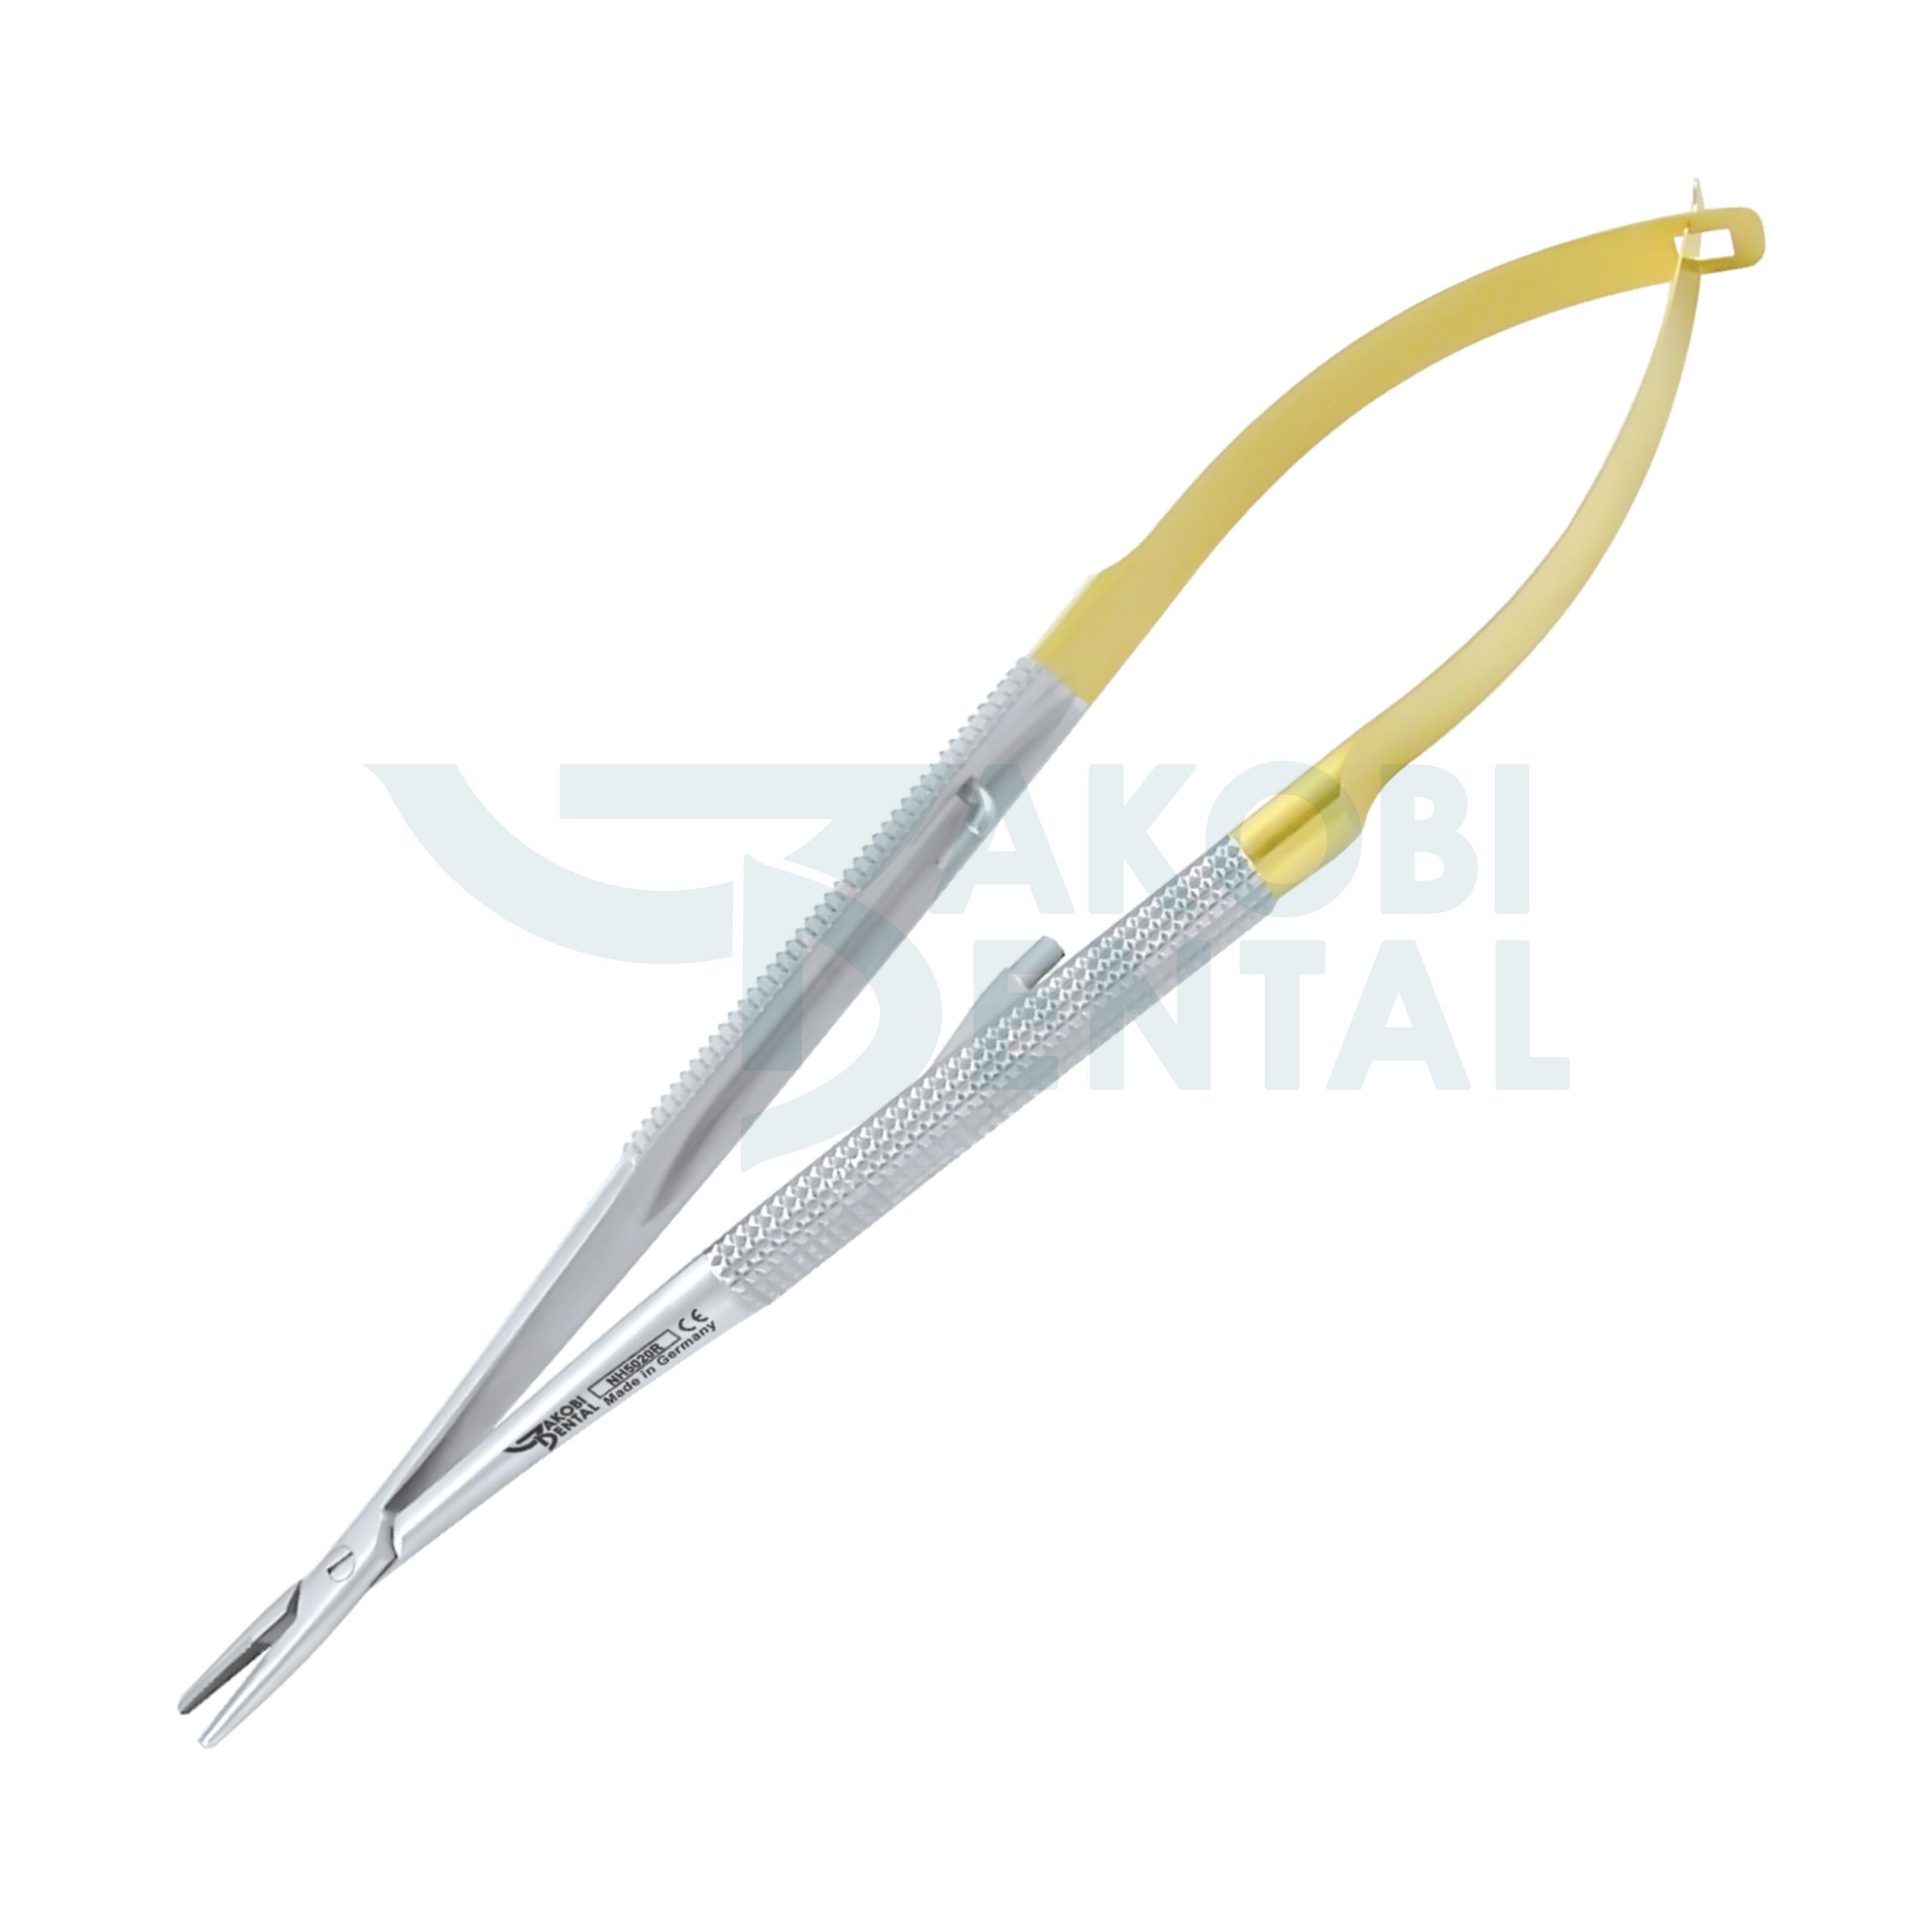 TC Micro-Nadelhalter Castroviejo, Rundgriff, 140mm, gerade/gebogen